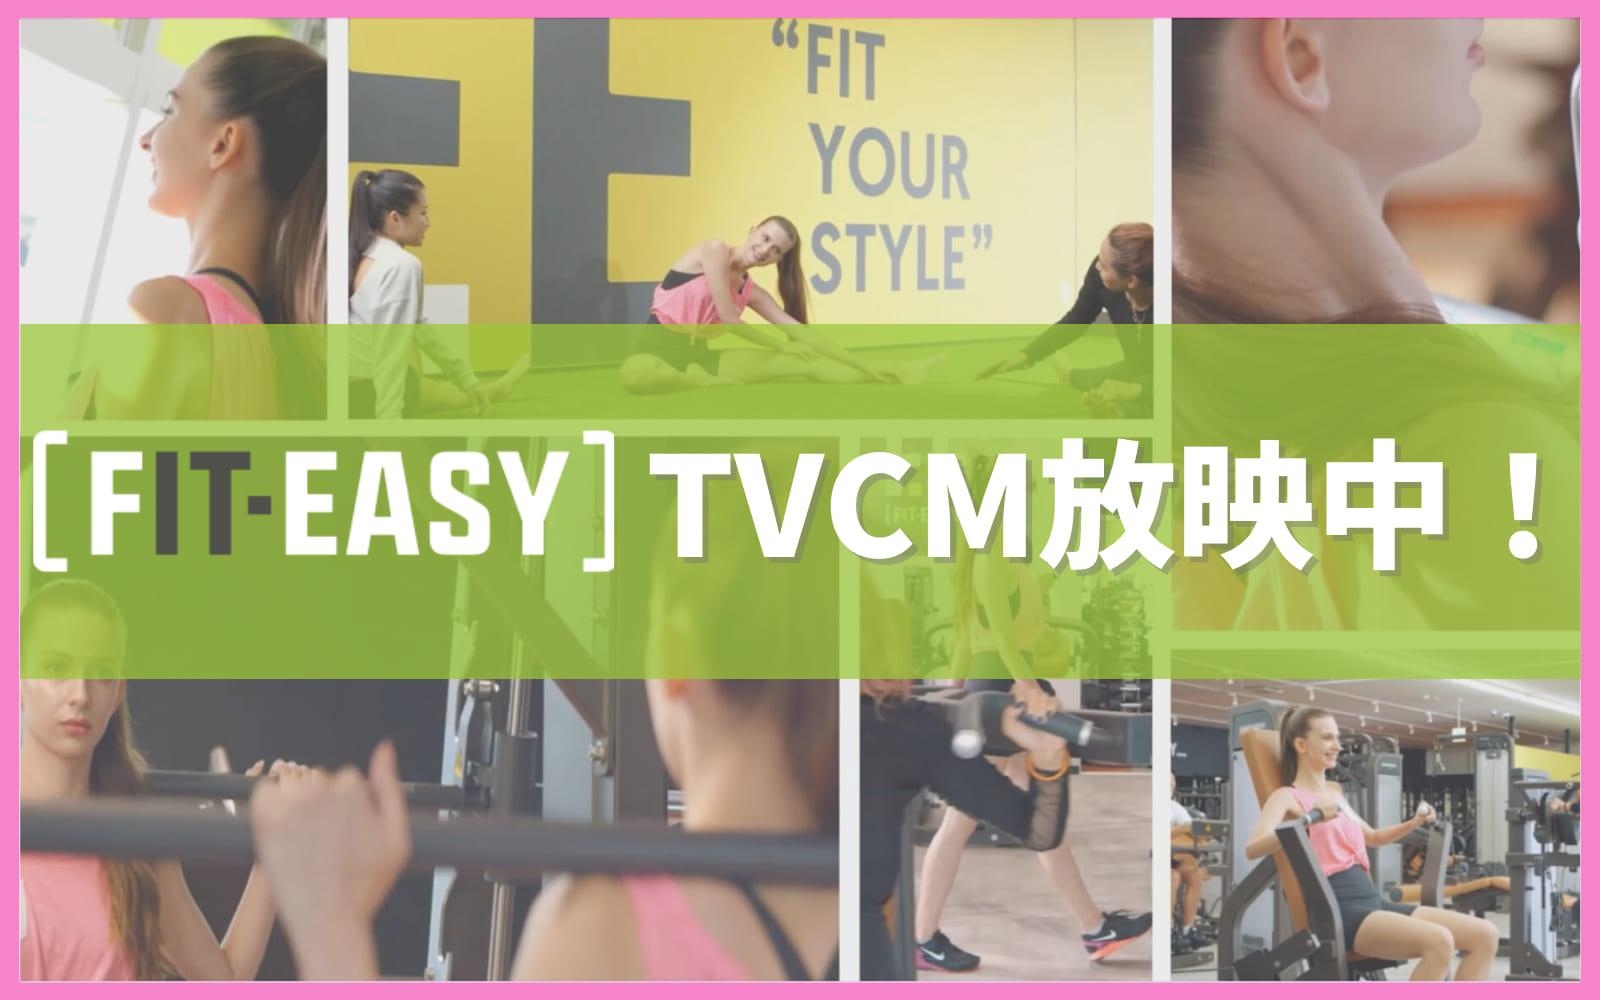 フィットイージー TVCM